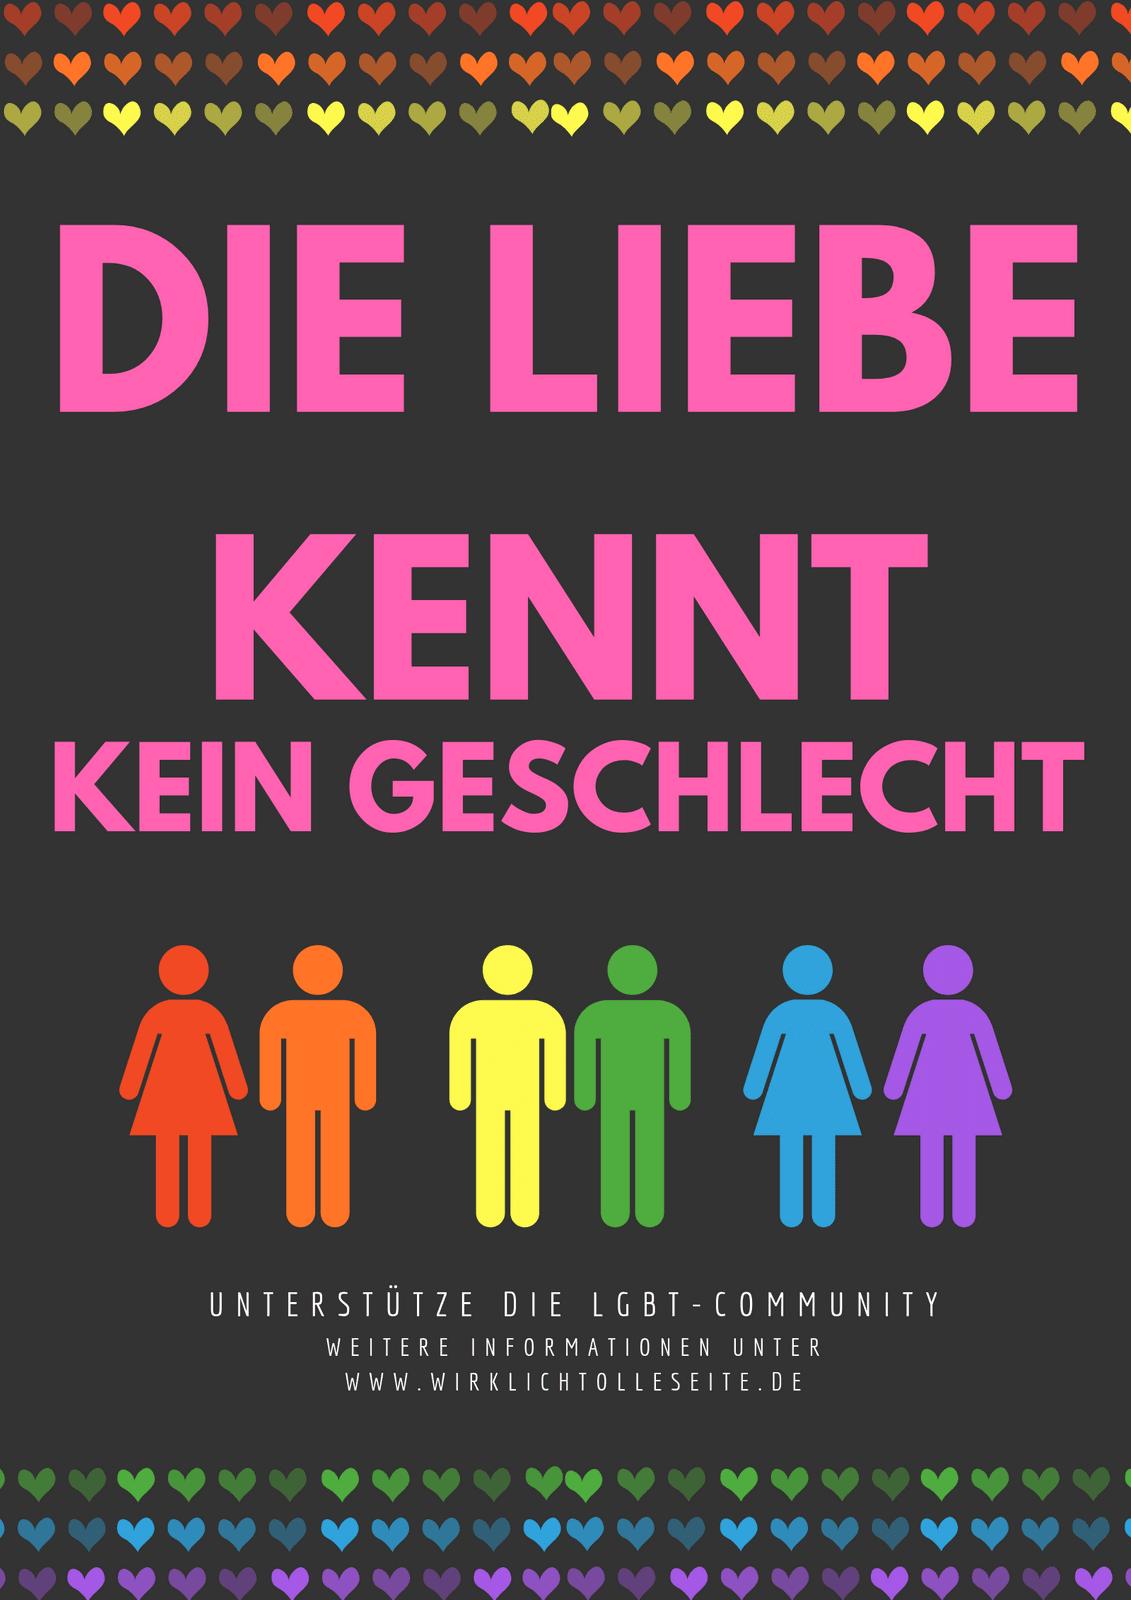 Liebe gewinnt Kampagne Poster